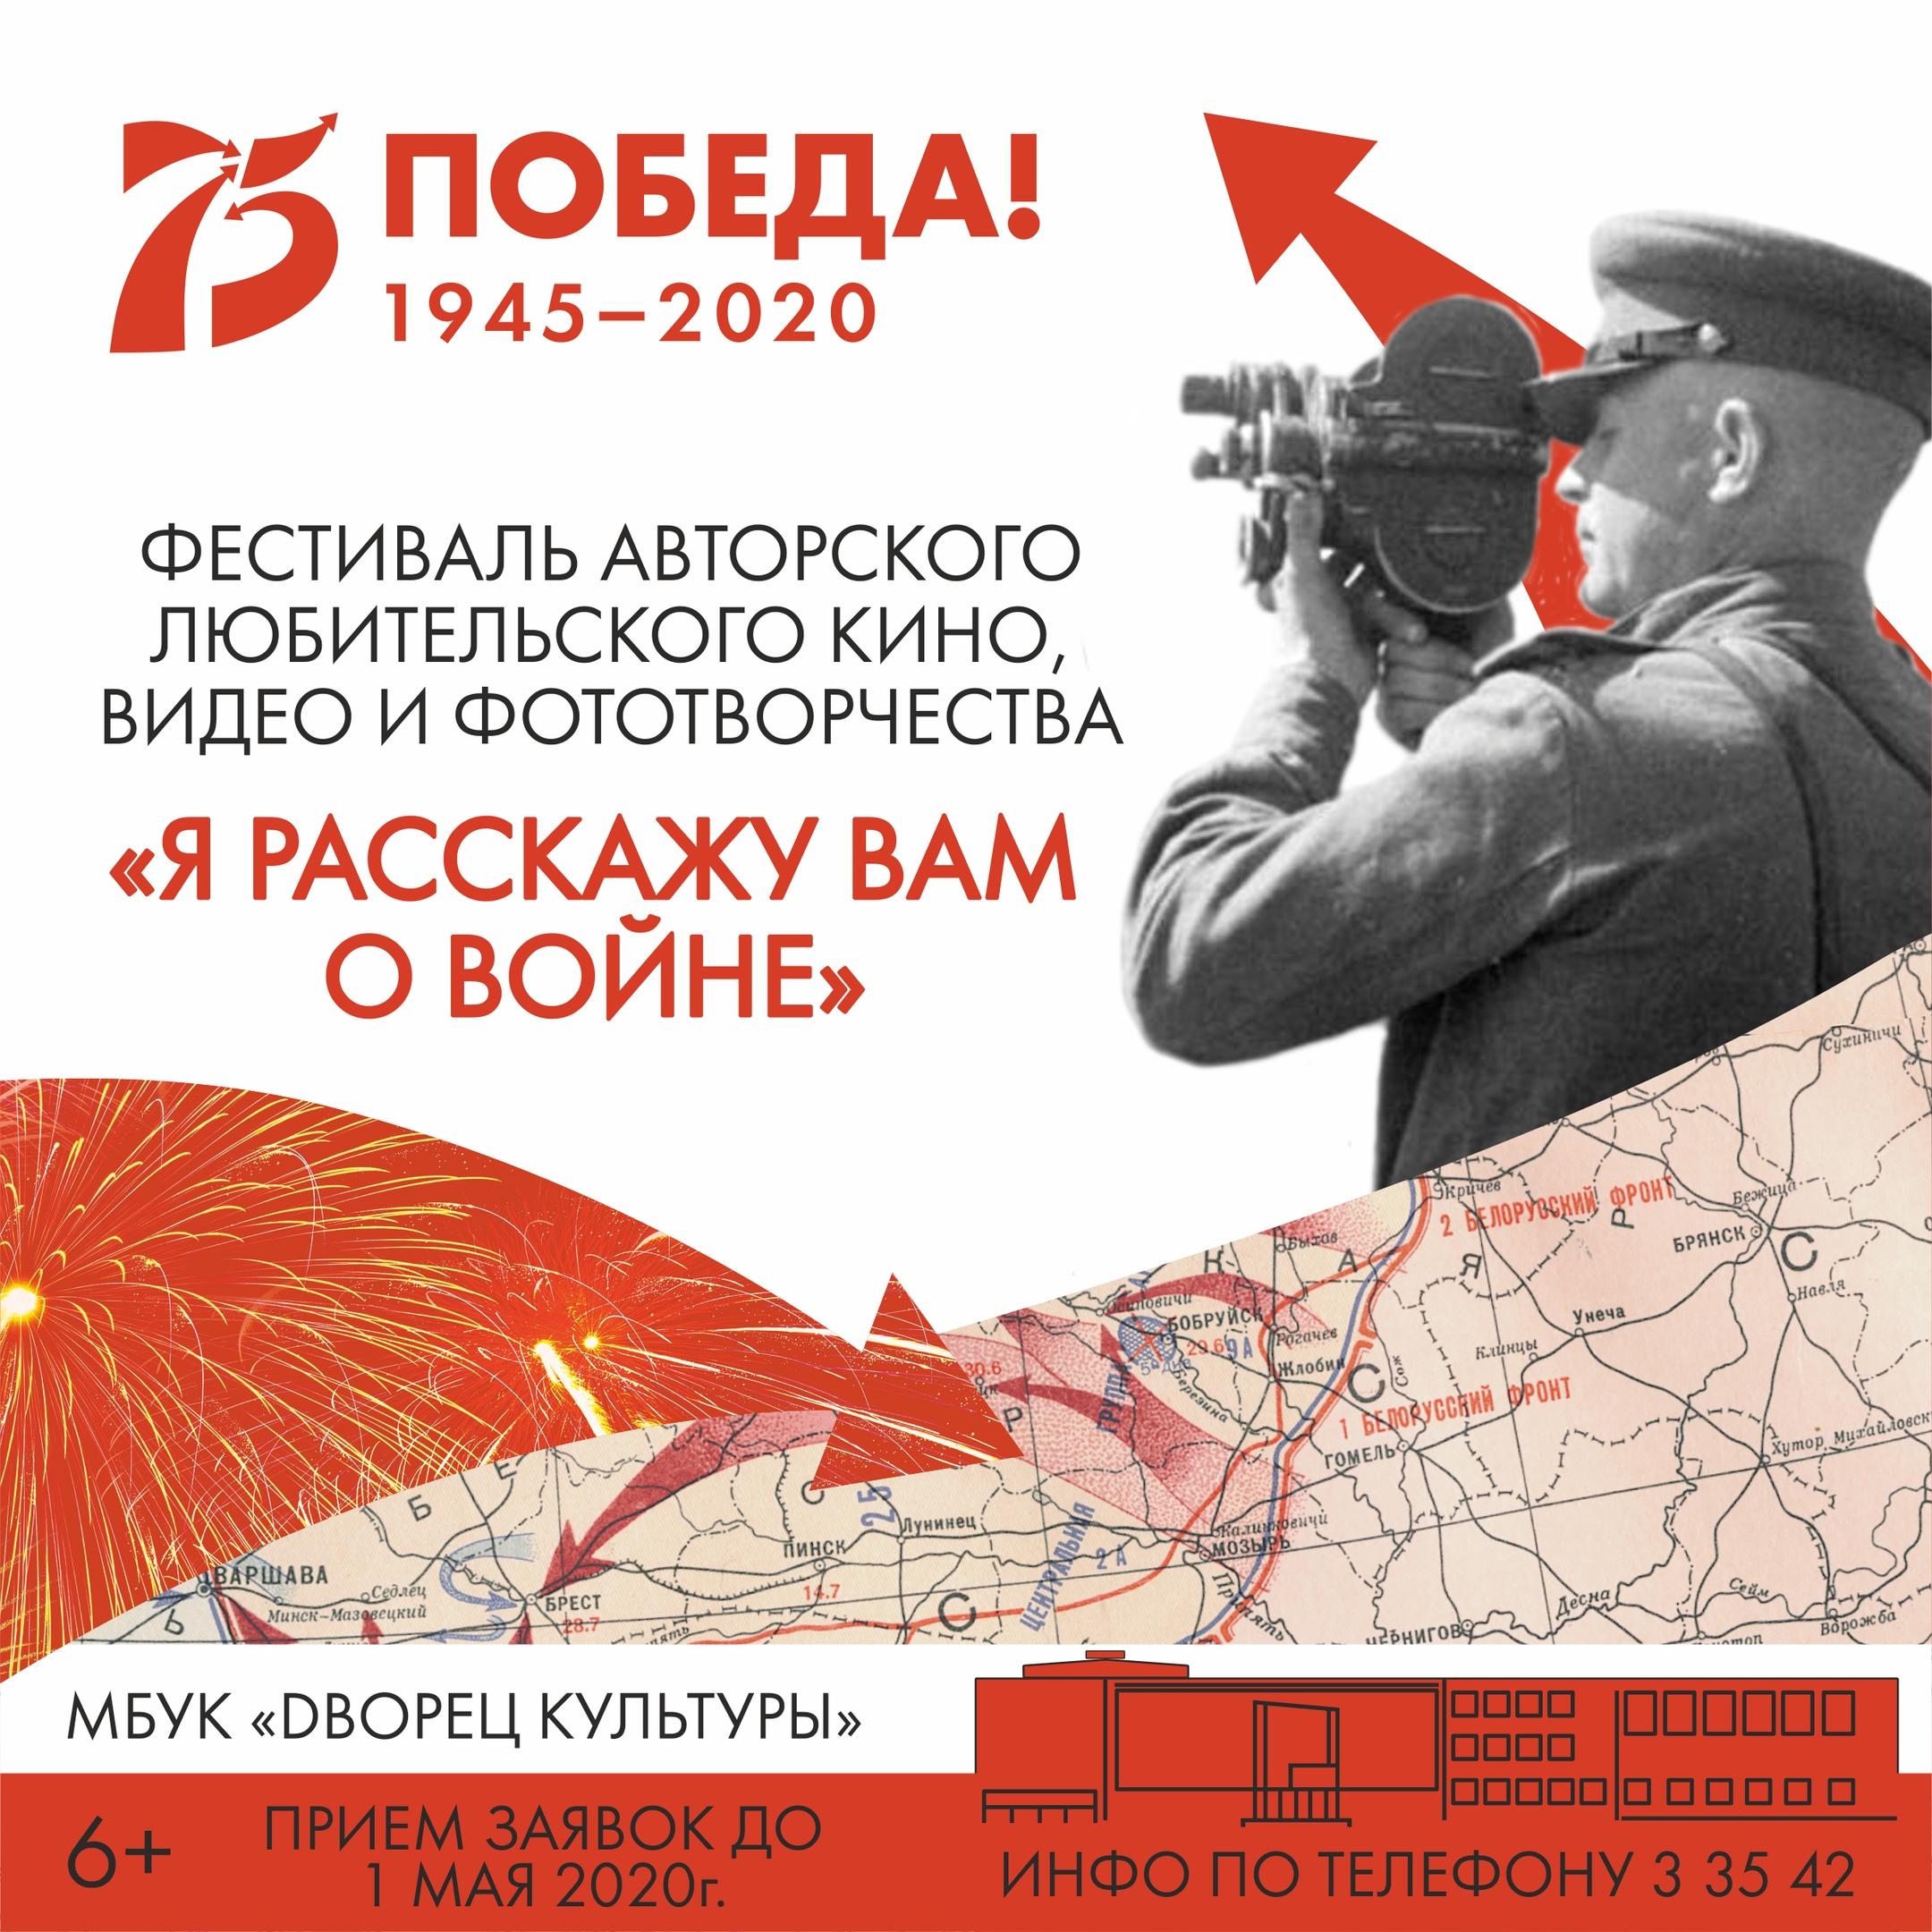 афиша, чайковский район, 2020 год